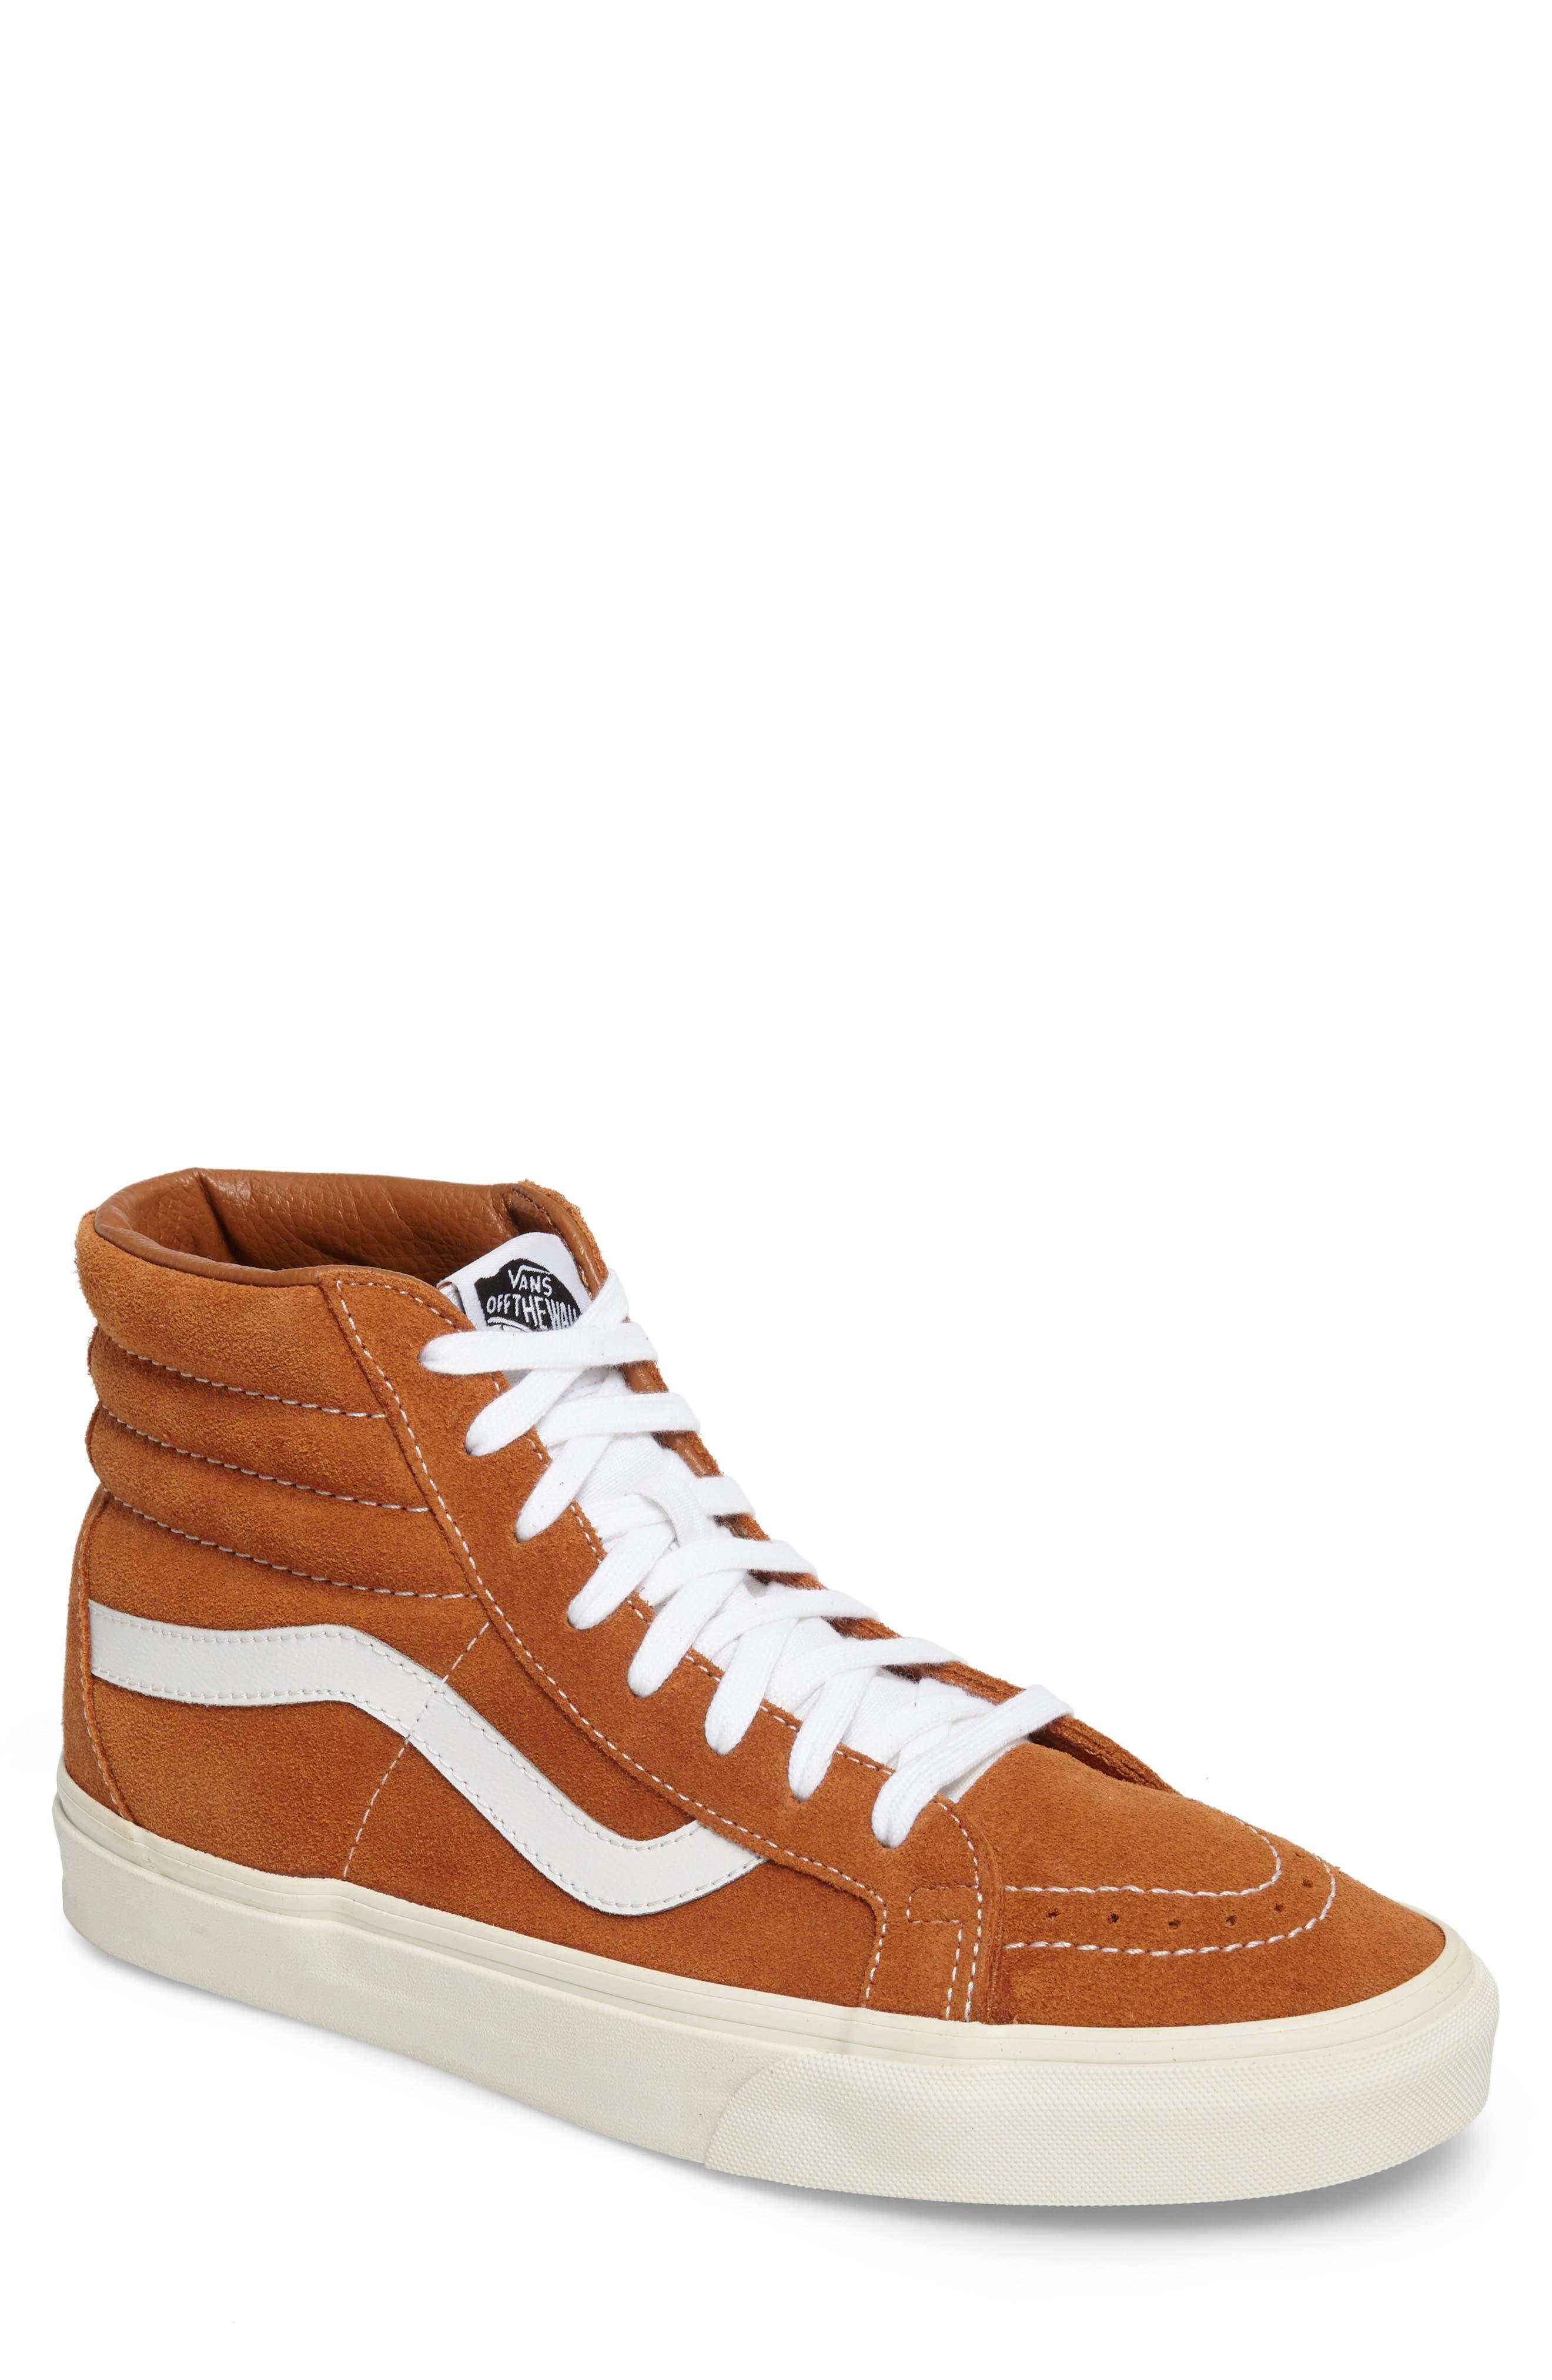 Sk8-Hi Reissue Sneaker,                         Main,                         color, Glazed Ginger Suede